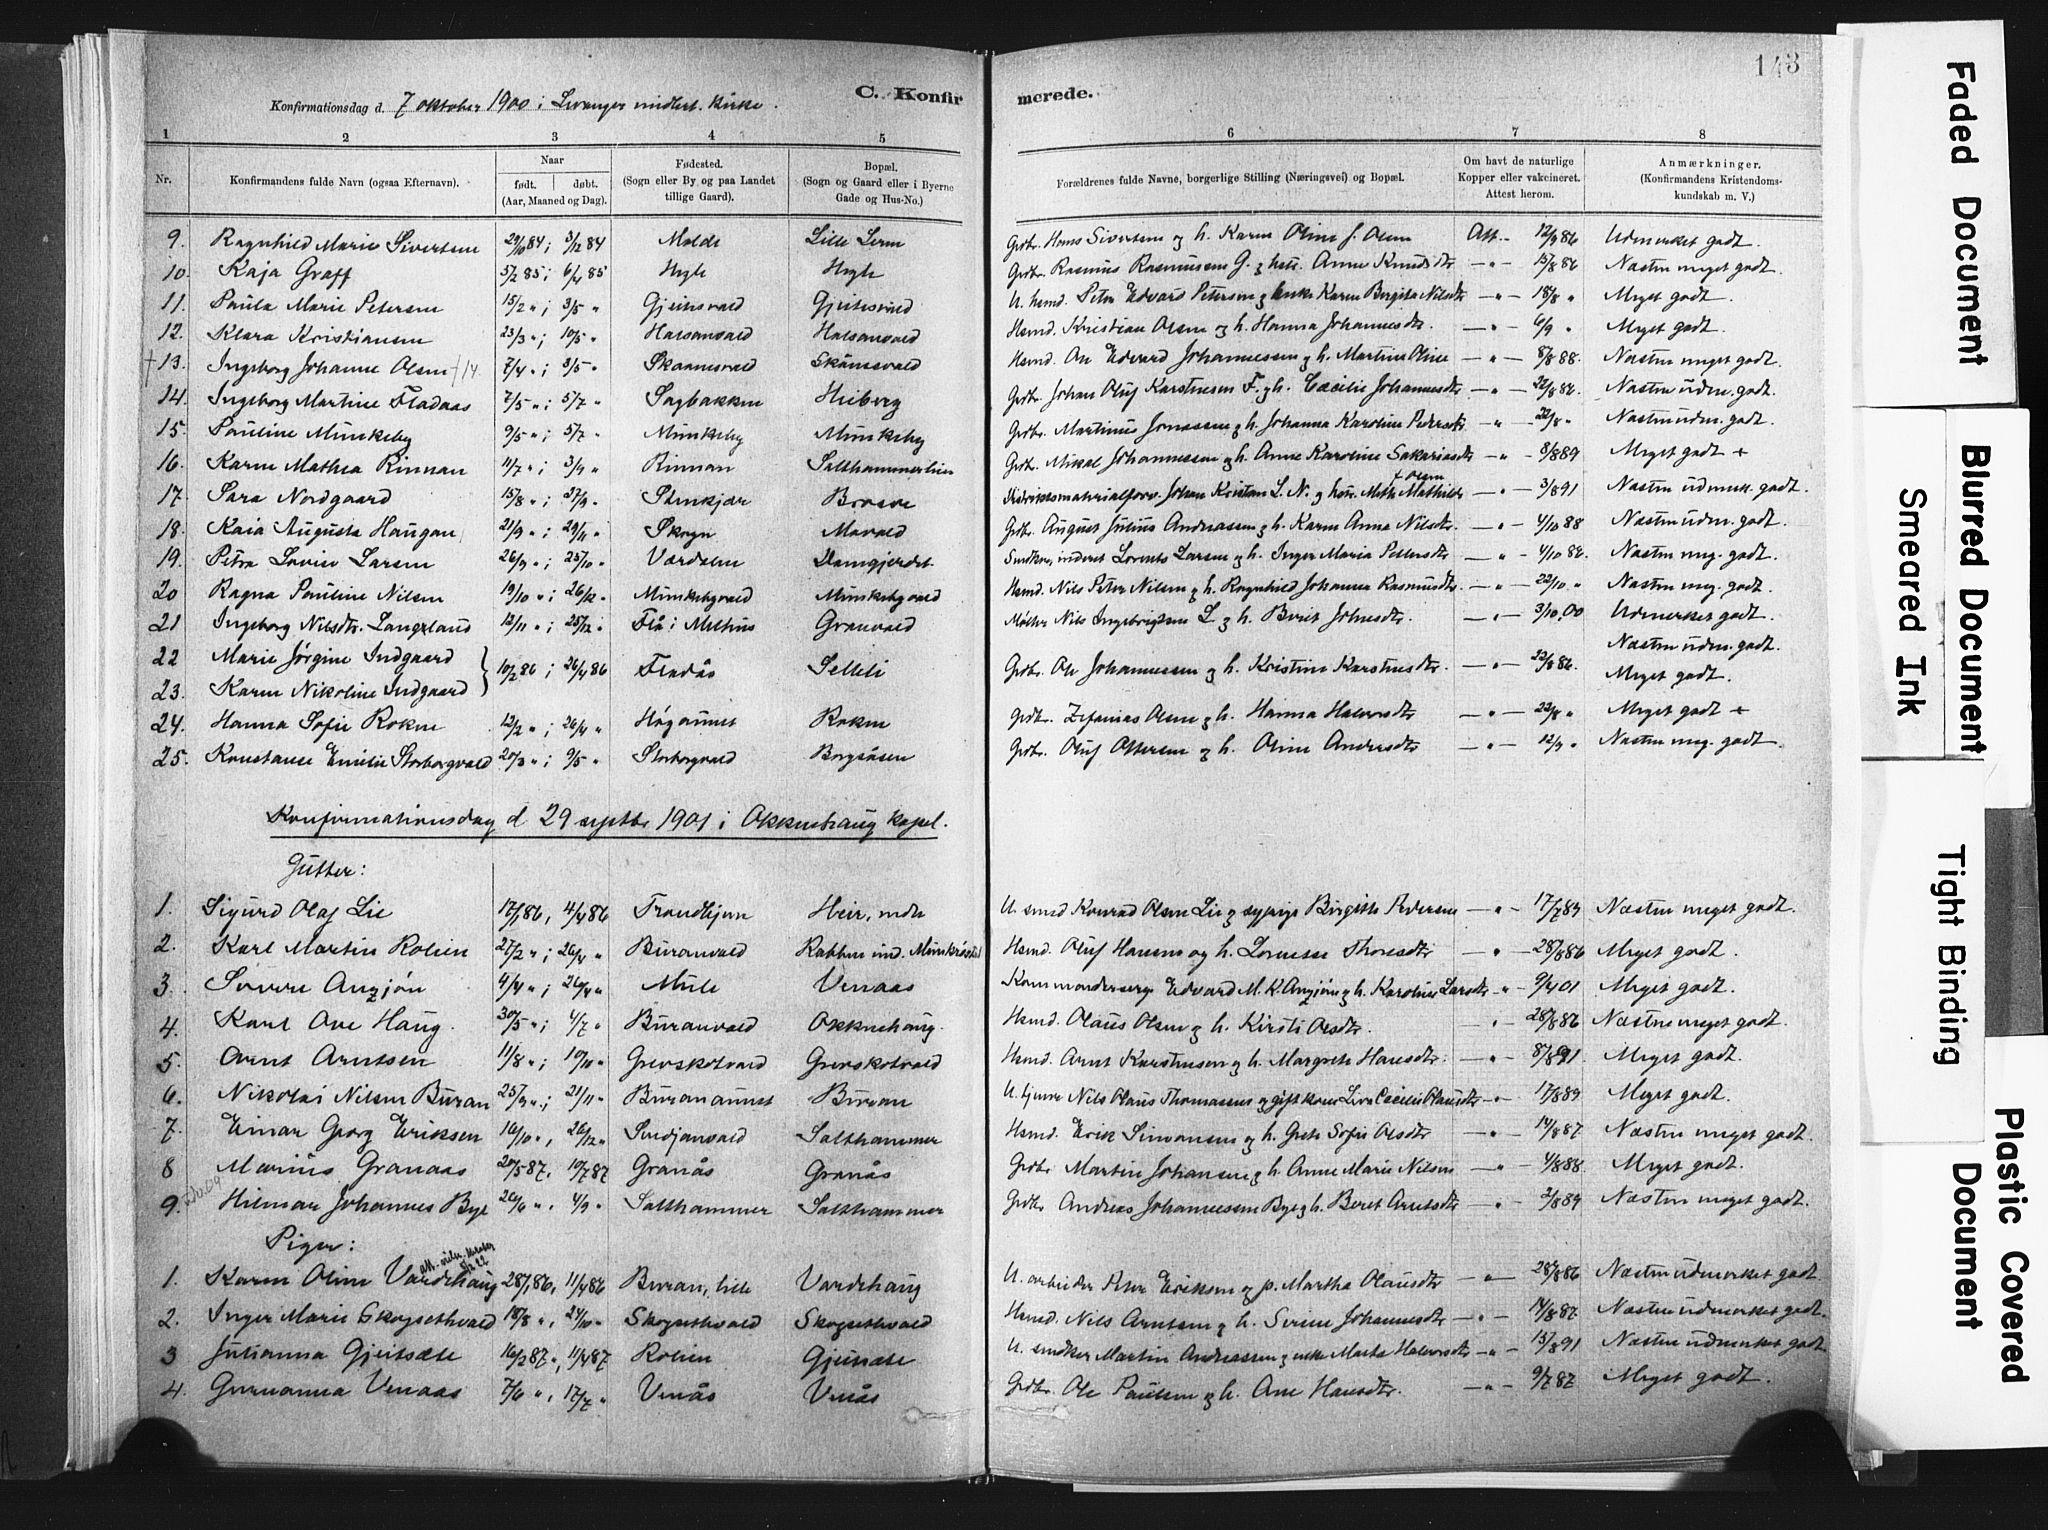 SAT, Ministerialprotokoller, klokkerbøker og fødselsregistre - Nord-Trøndelag, 721/L0207: Ministerialbok nr. 721A02, 1880-1911, s. 143